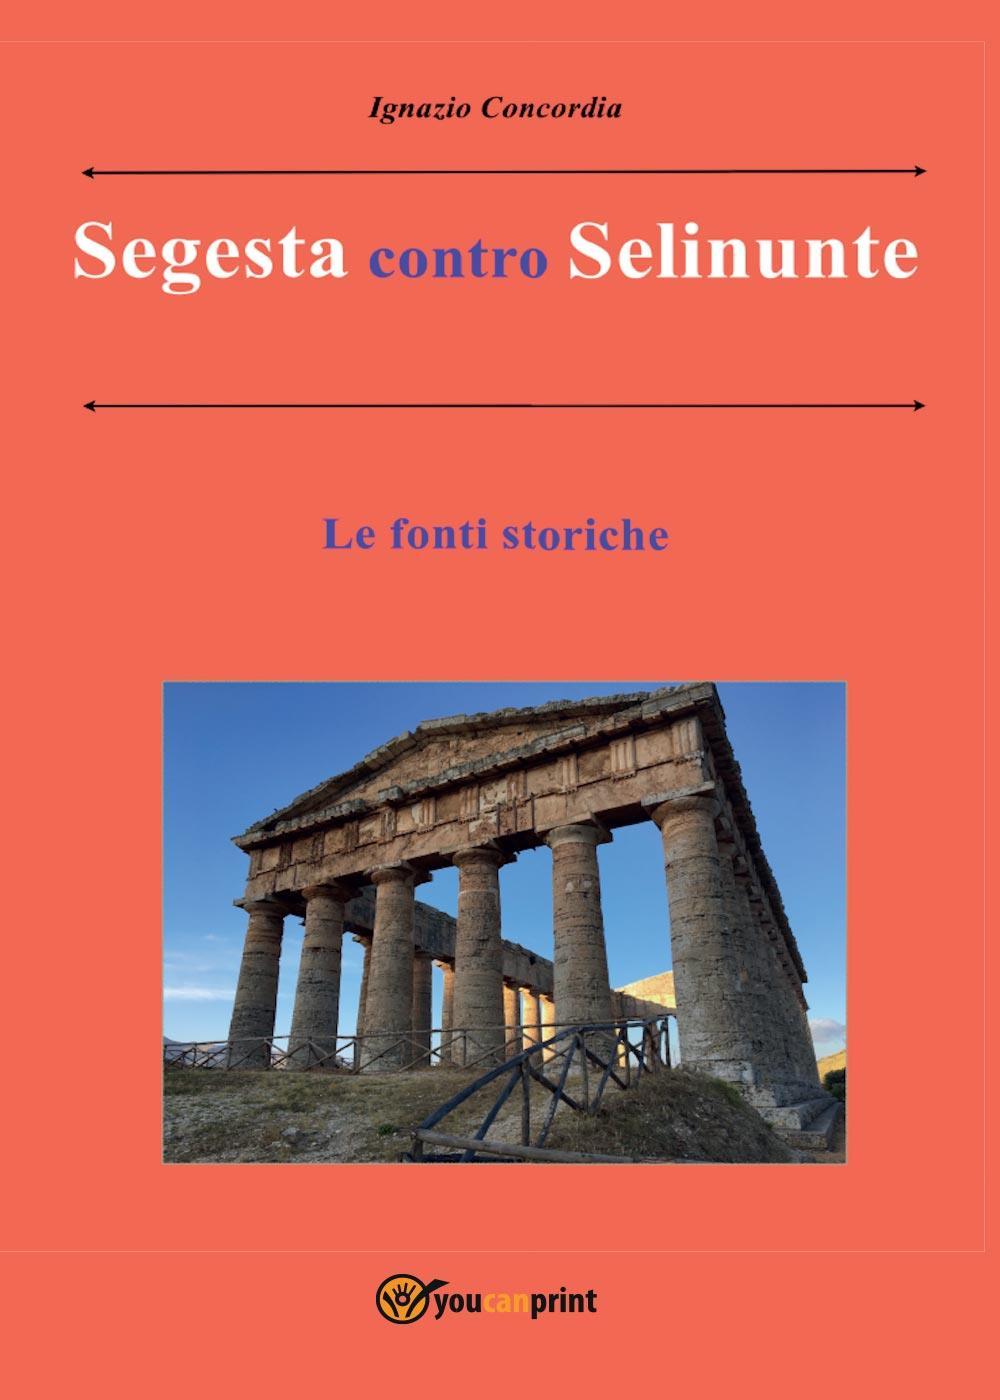 Segesta contro Selinunte. Le fonti storiche